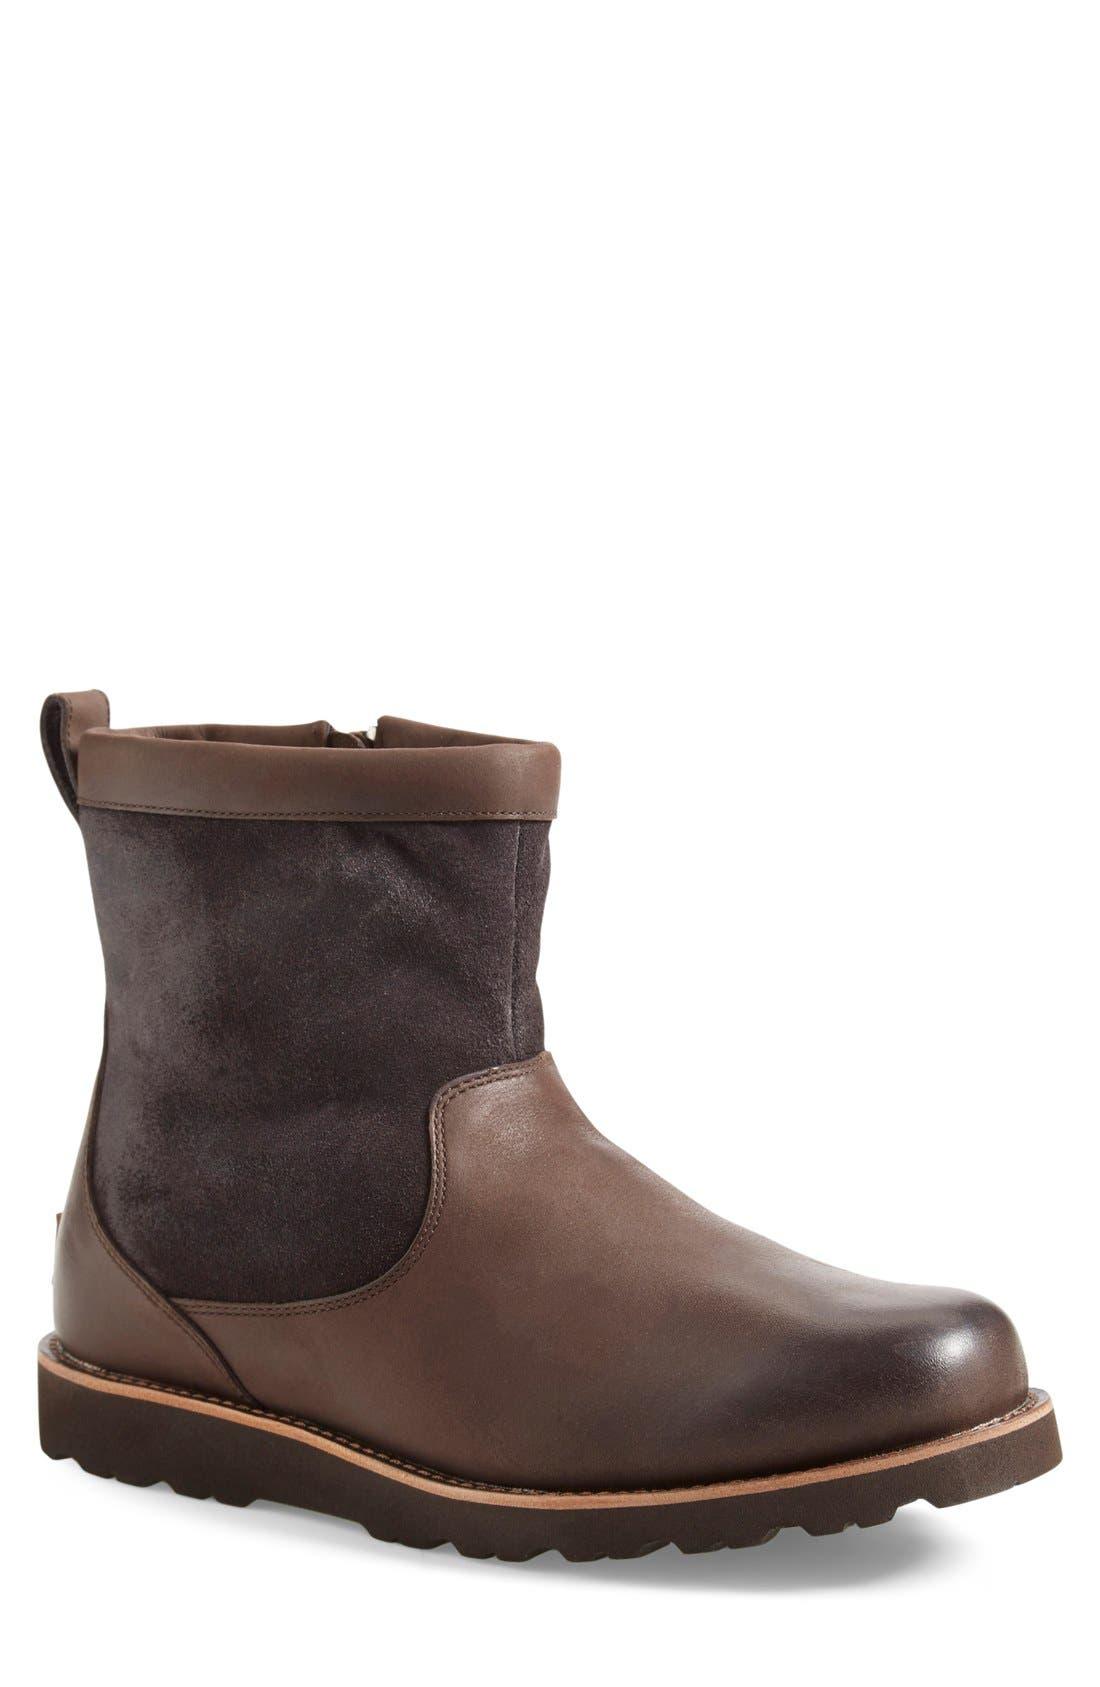 Ugg Hendren Tl Waterproof Zip Boot, Brown